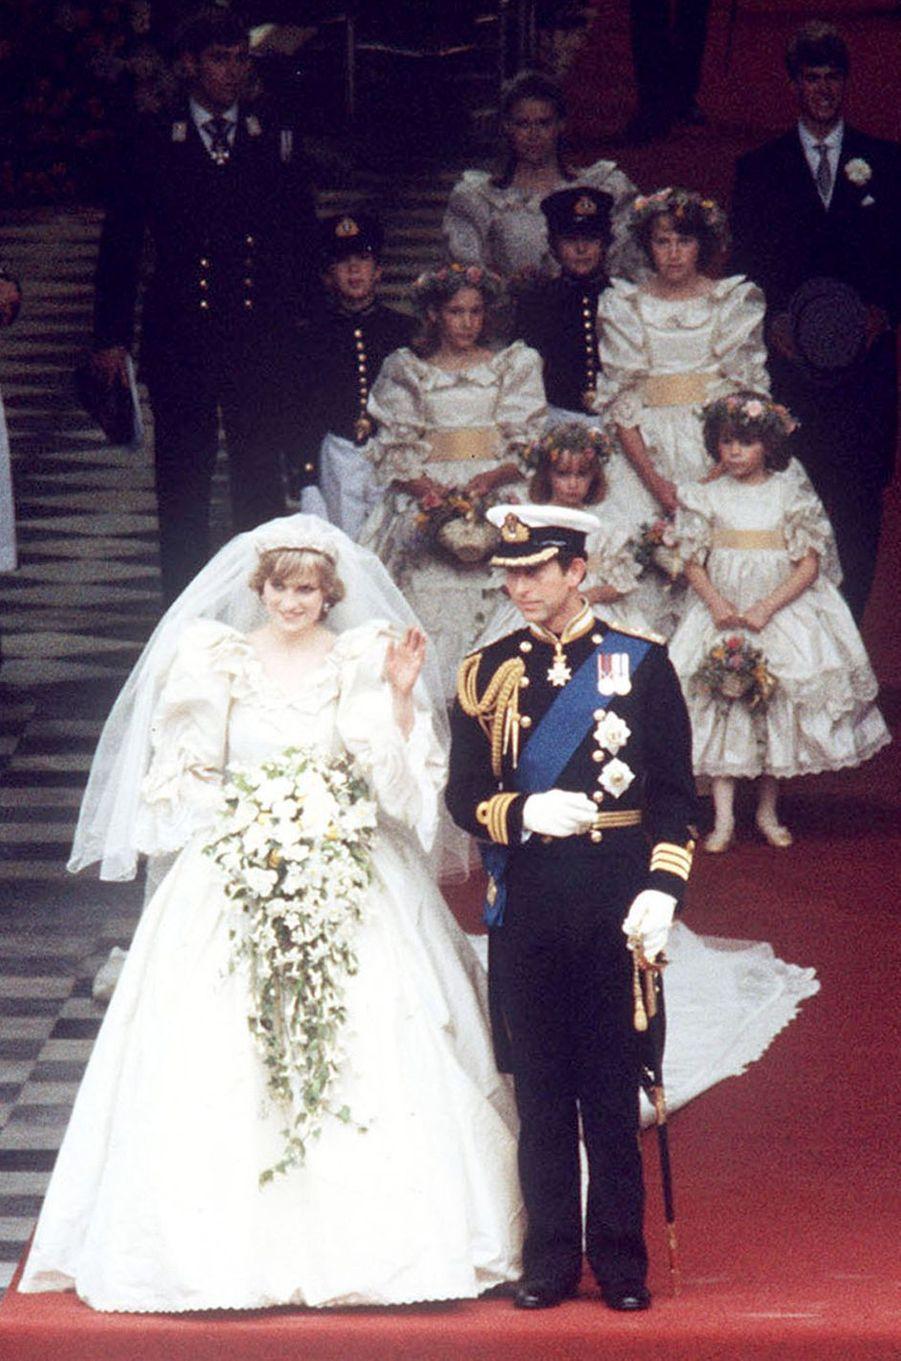 Le prince Charles d'Angleterre épouse Diana Spencer à Londres le 29 juillet 1981